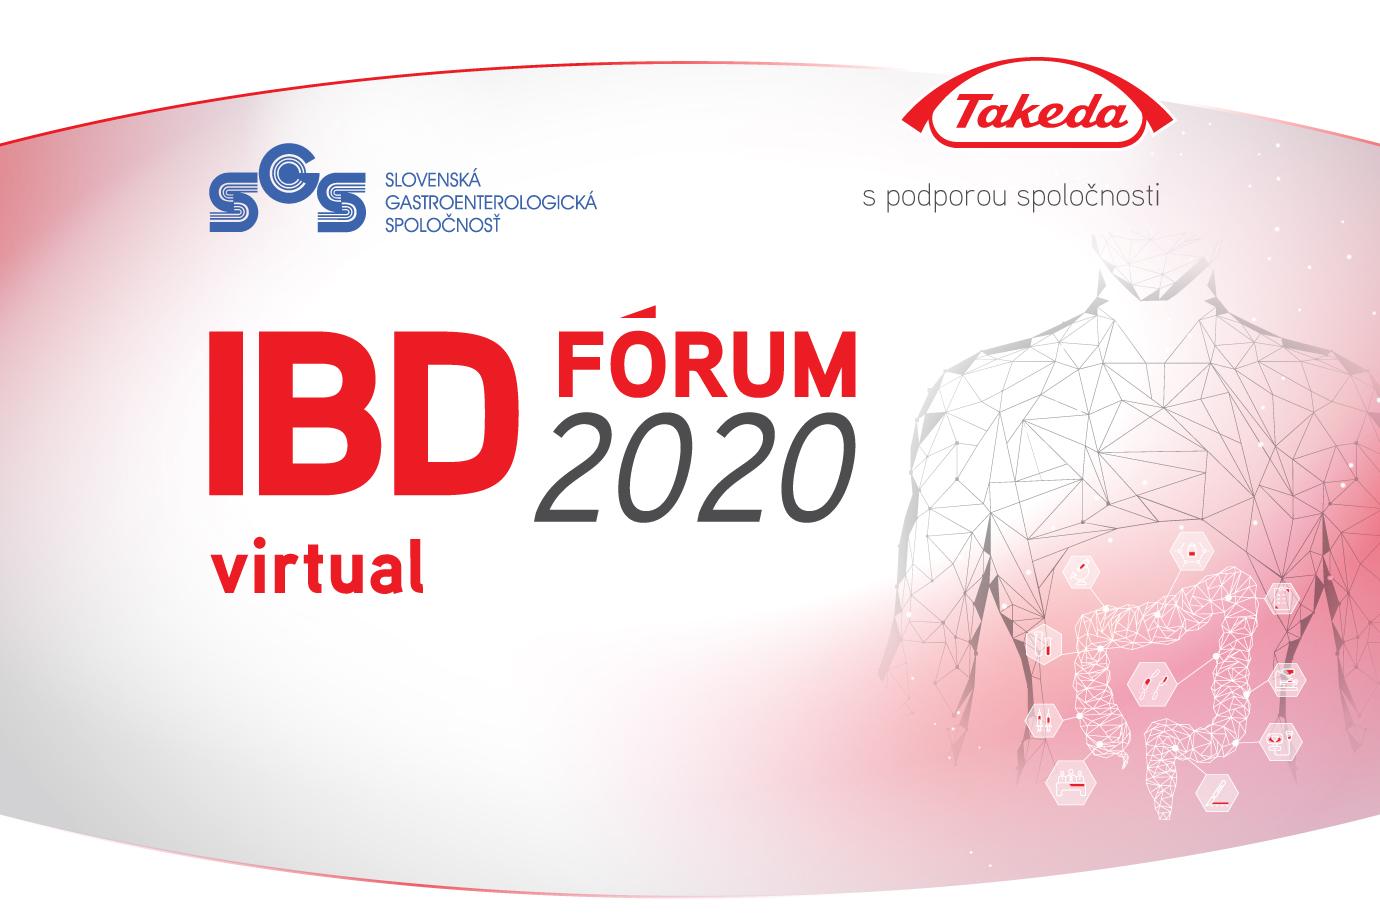 IBD fórum 2020